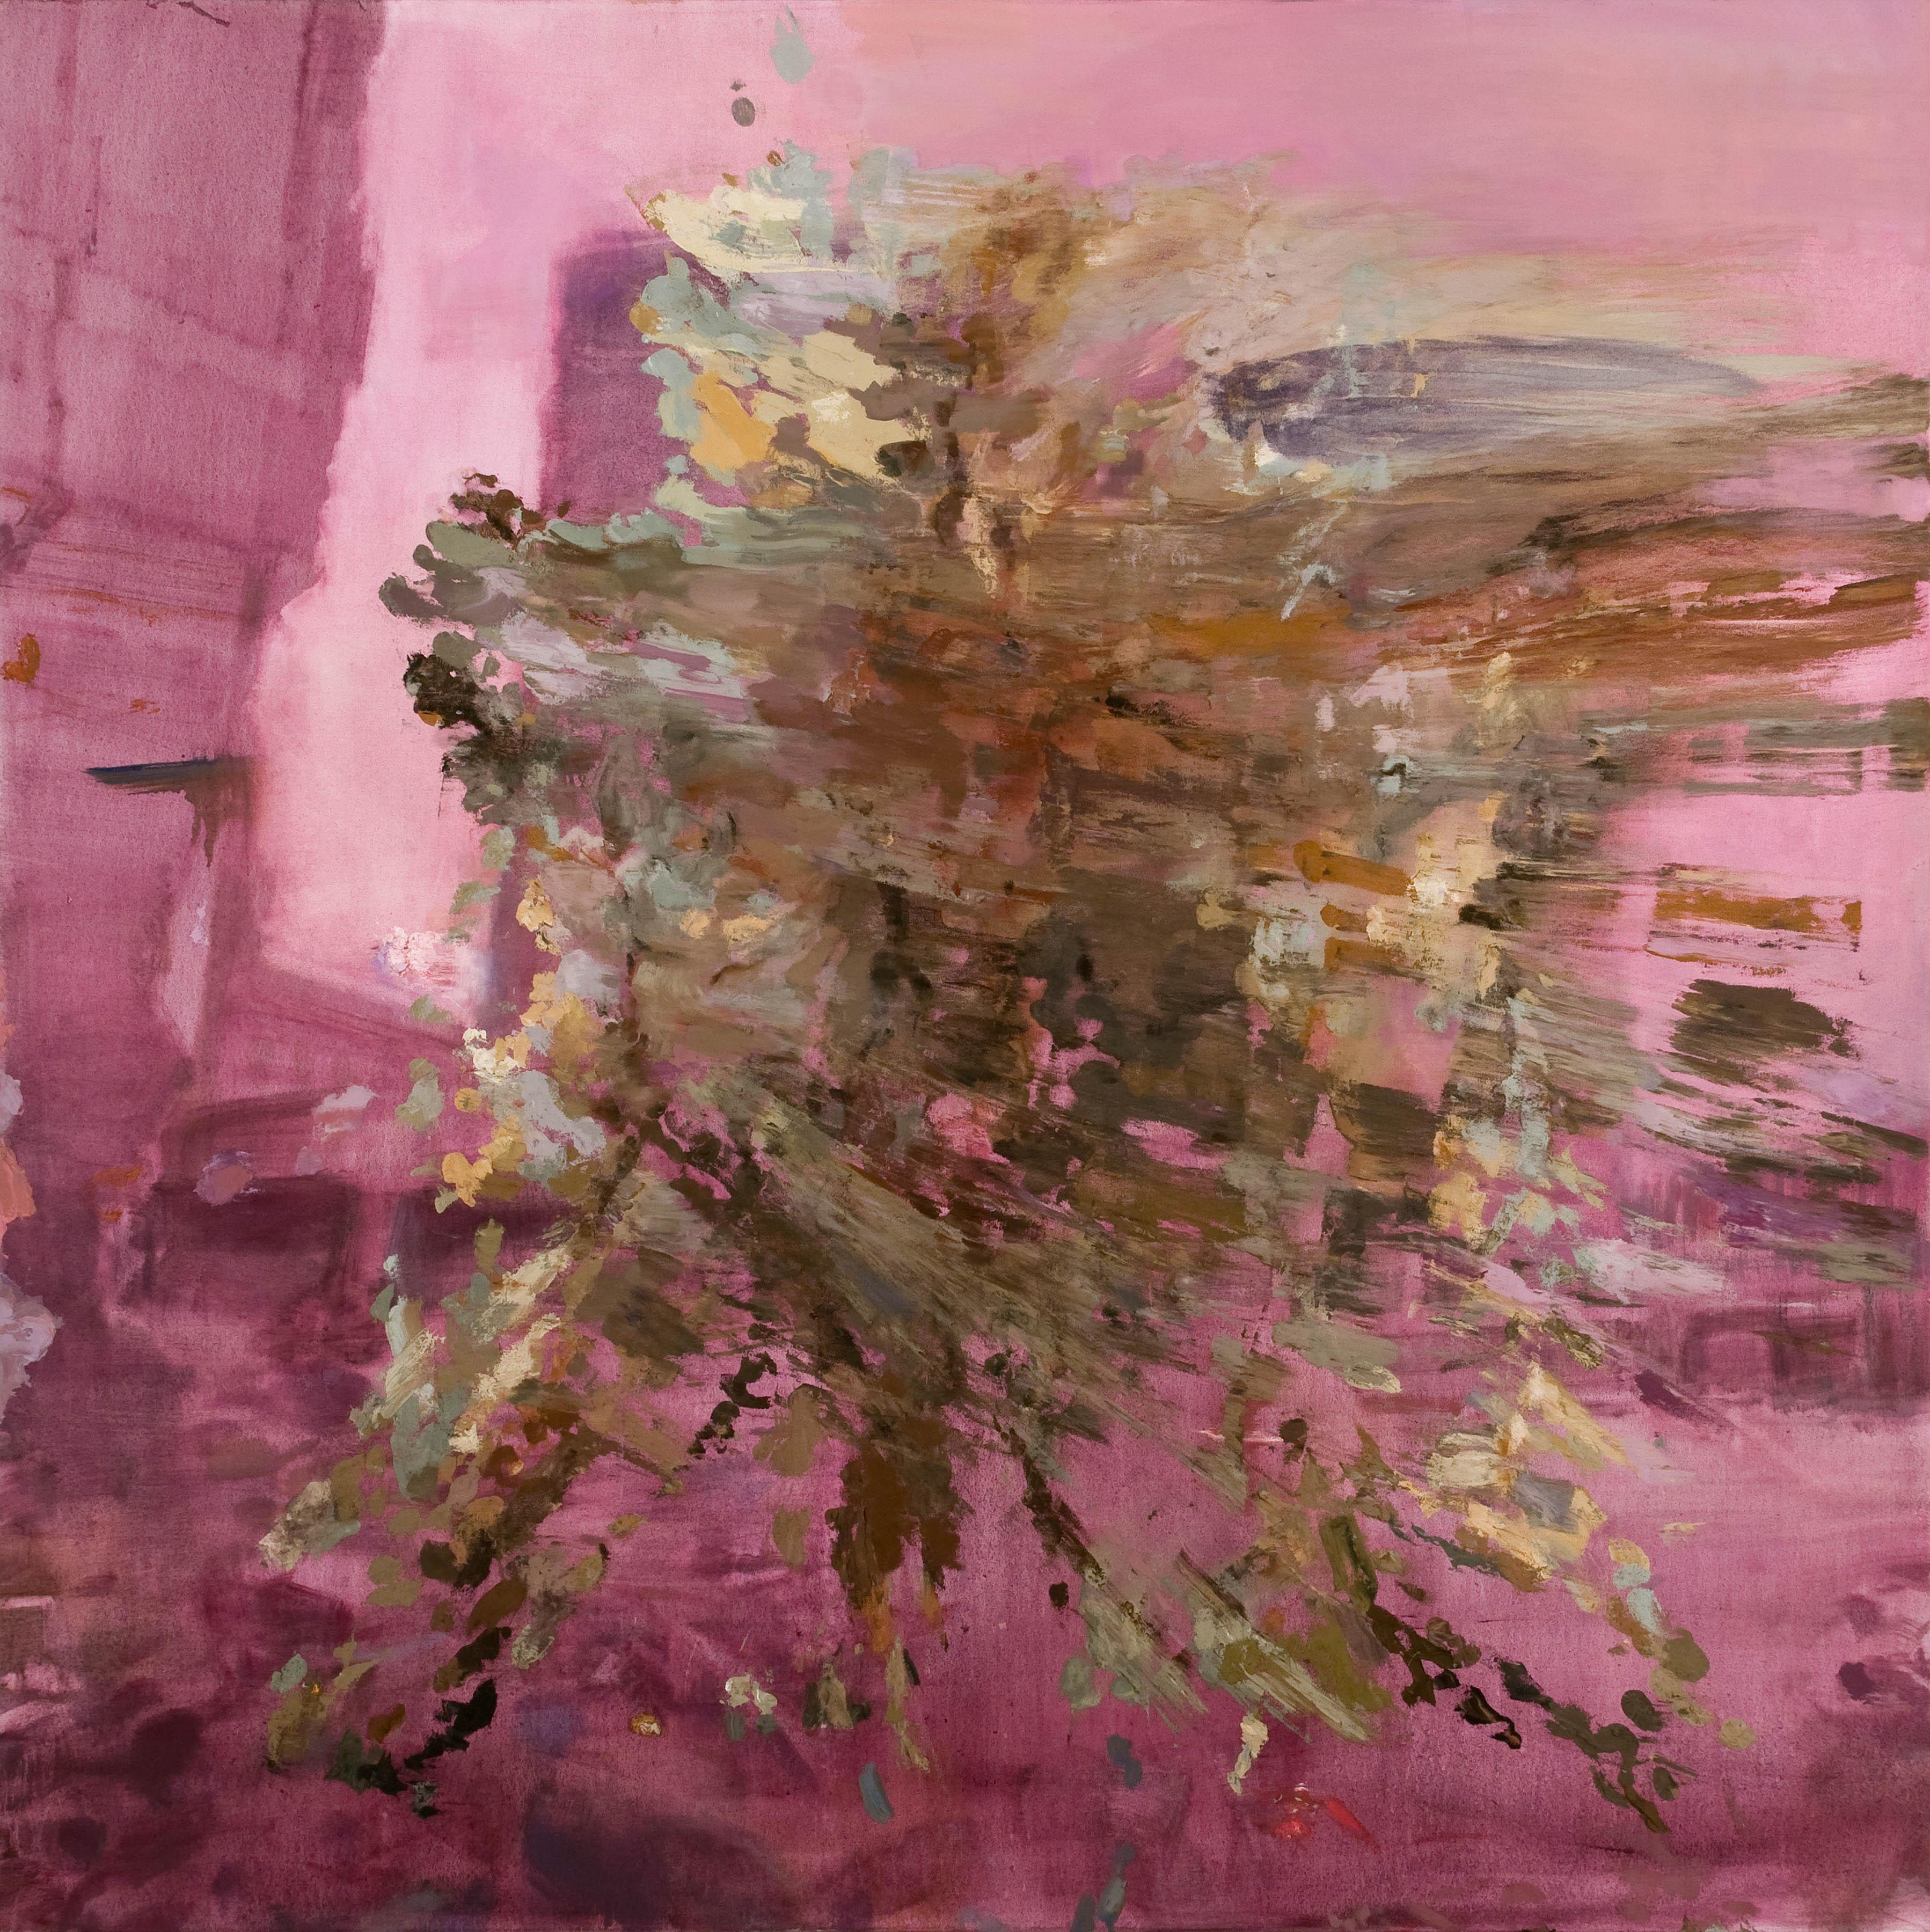 A Rebound, Extrovert, 2013, Oil on canvas, 213 x 213 cm